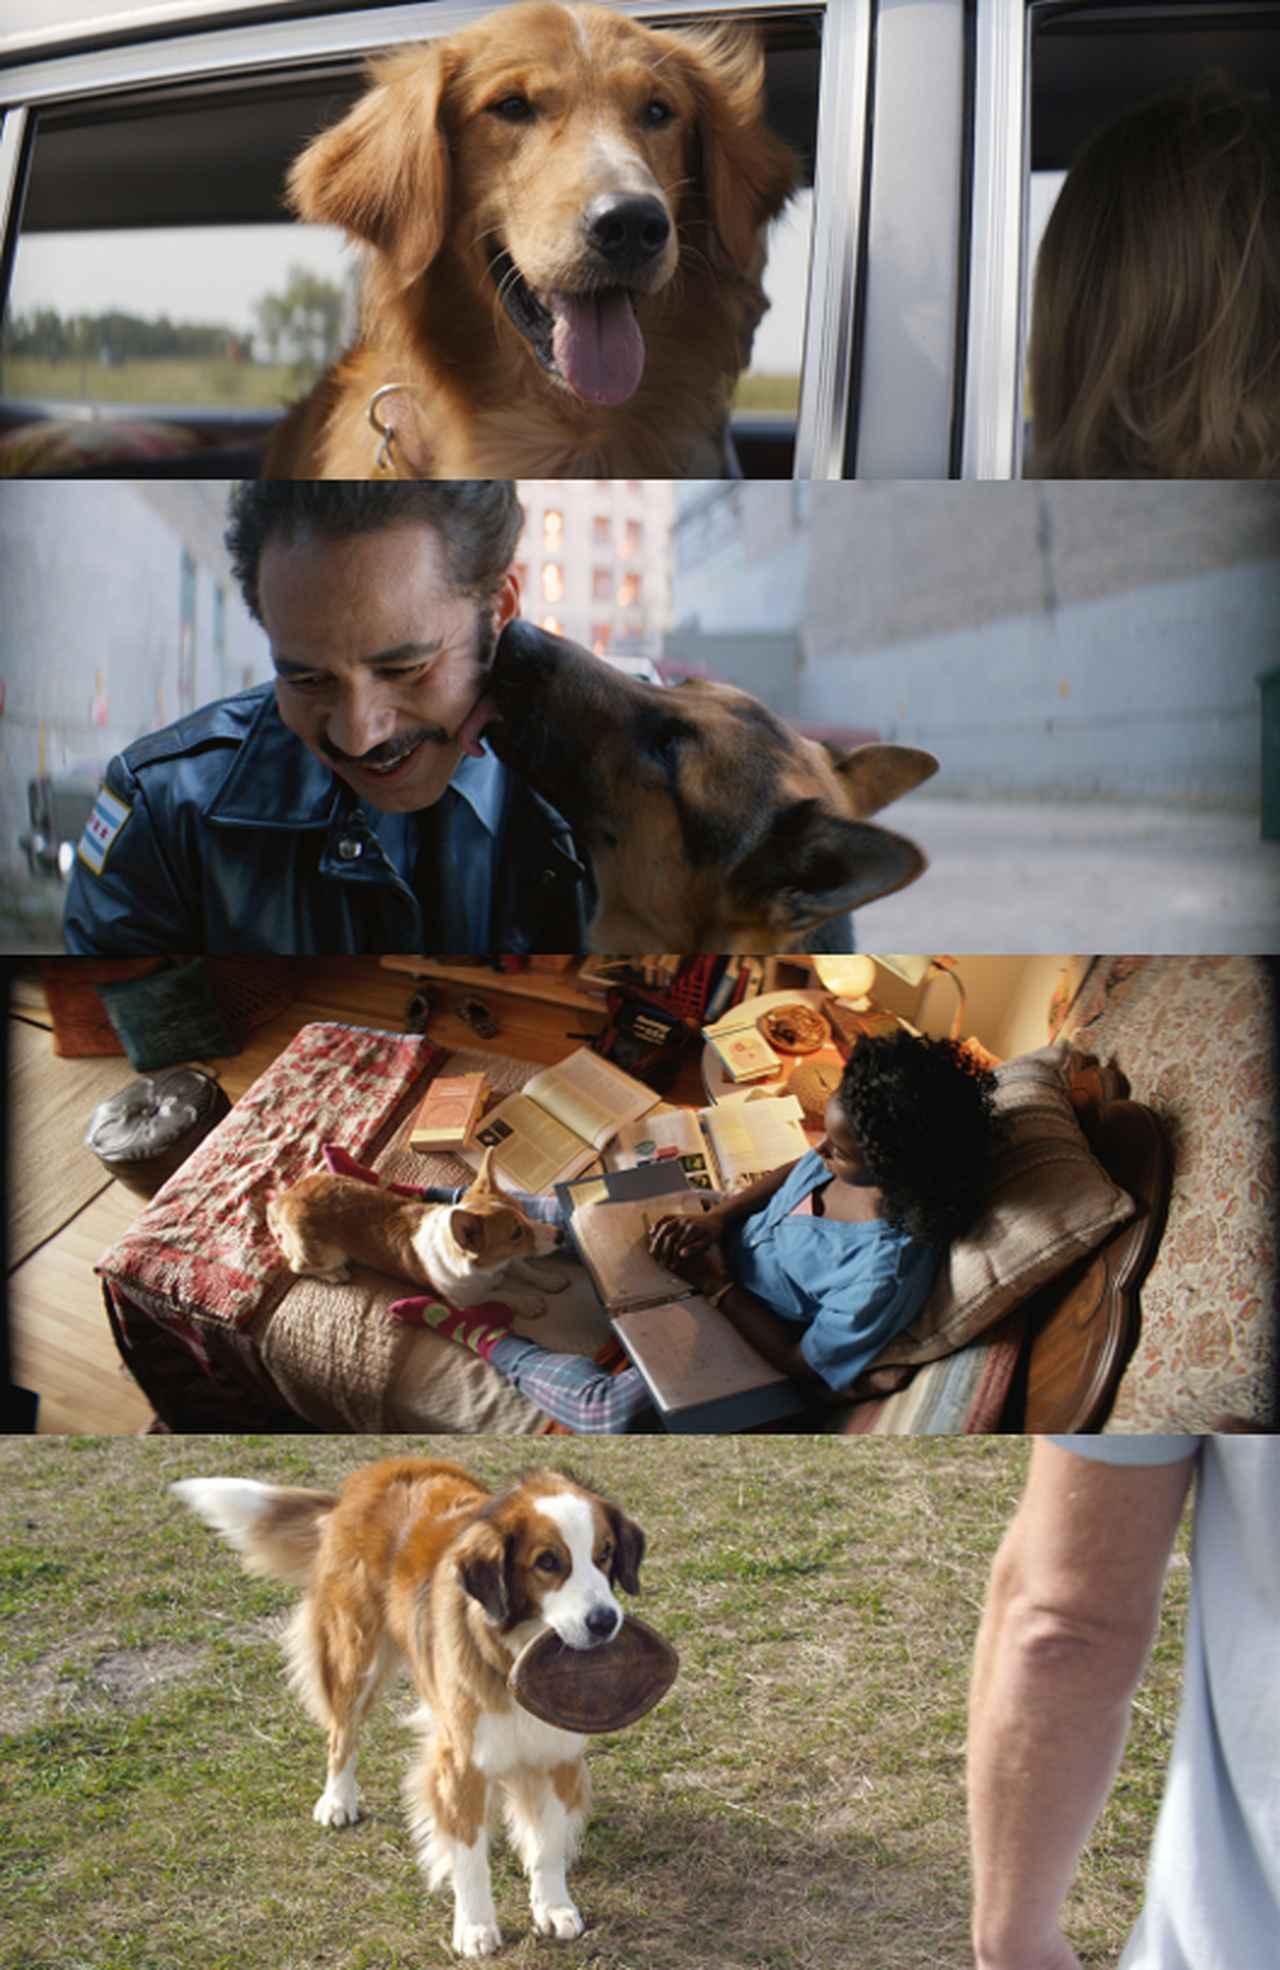 画像: 名匠ラッセ・ハルストレム、ドッグシリーズの集大成 けなげでかわいい犬を主人公に贈る、涙と笑いと感動の物語!